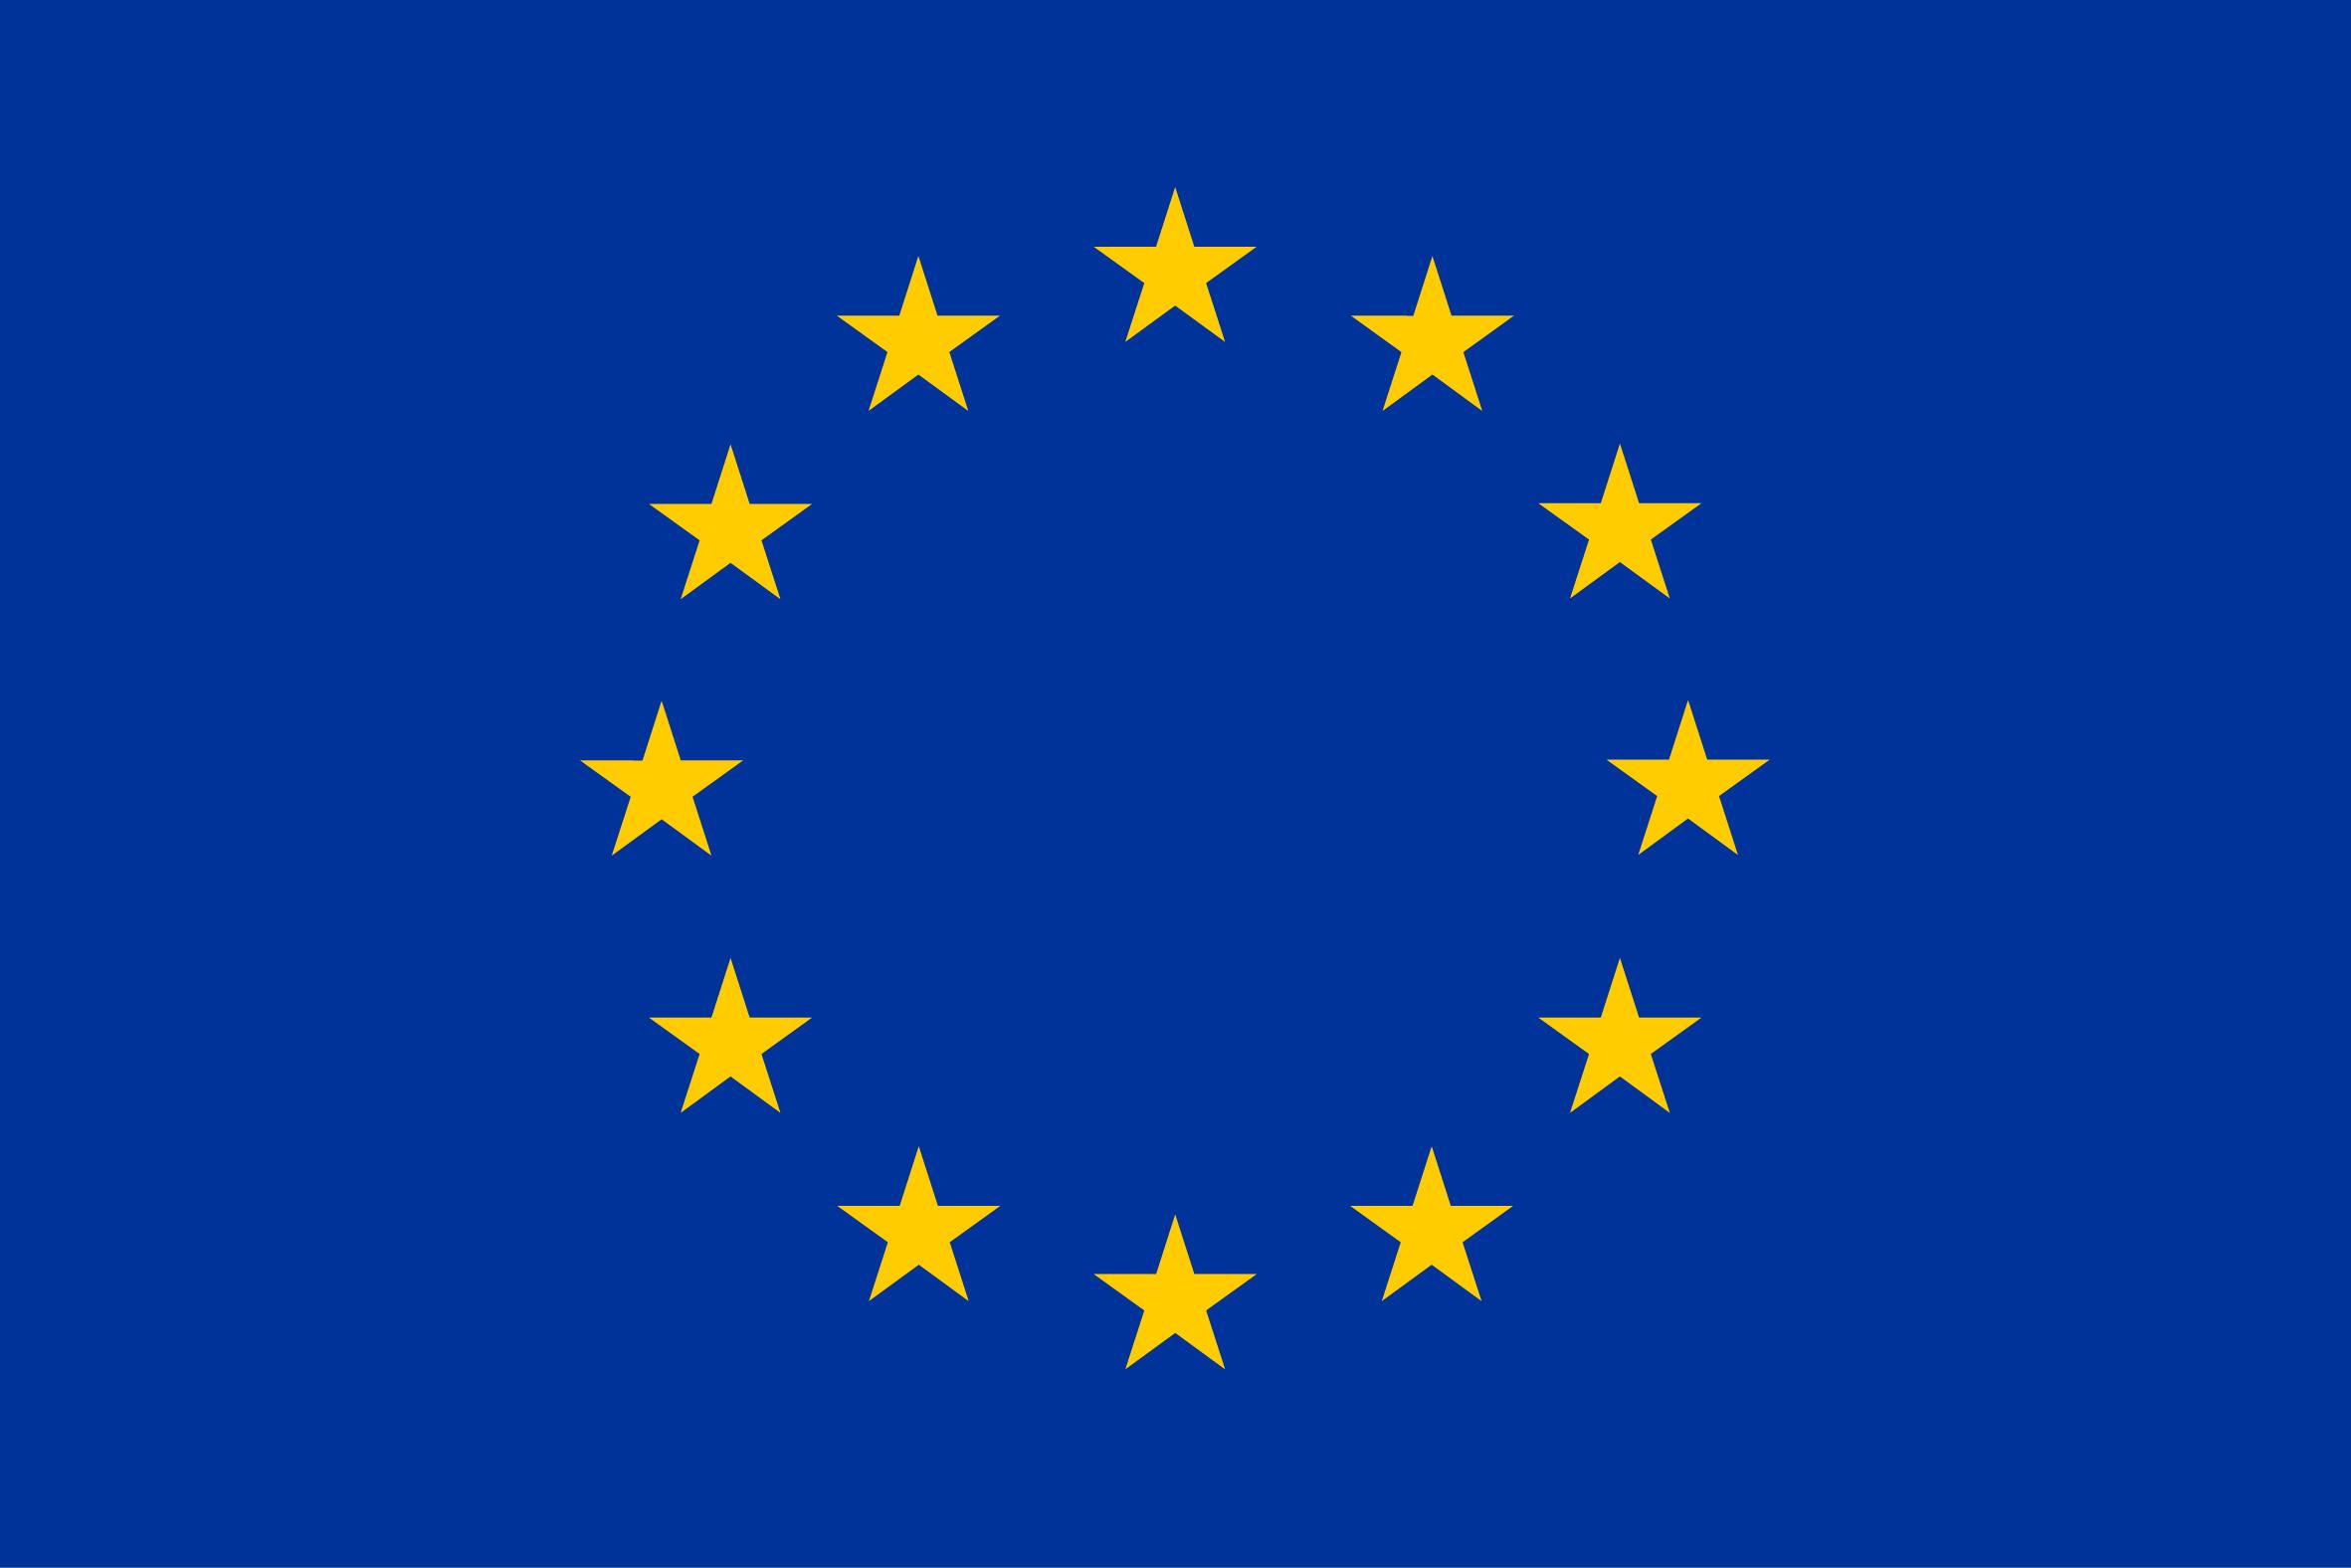 """Проект """"Кохезионна политика на ЕС в България - Vox Populi"""" logo"""